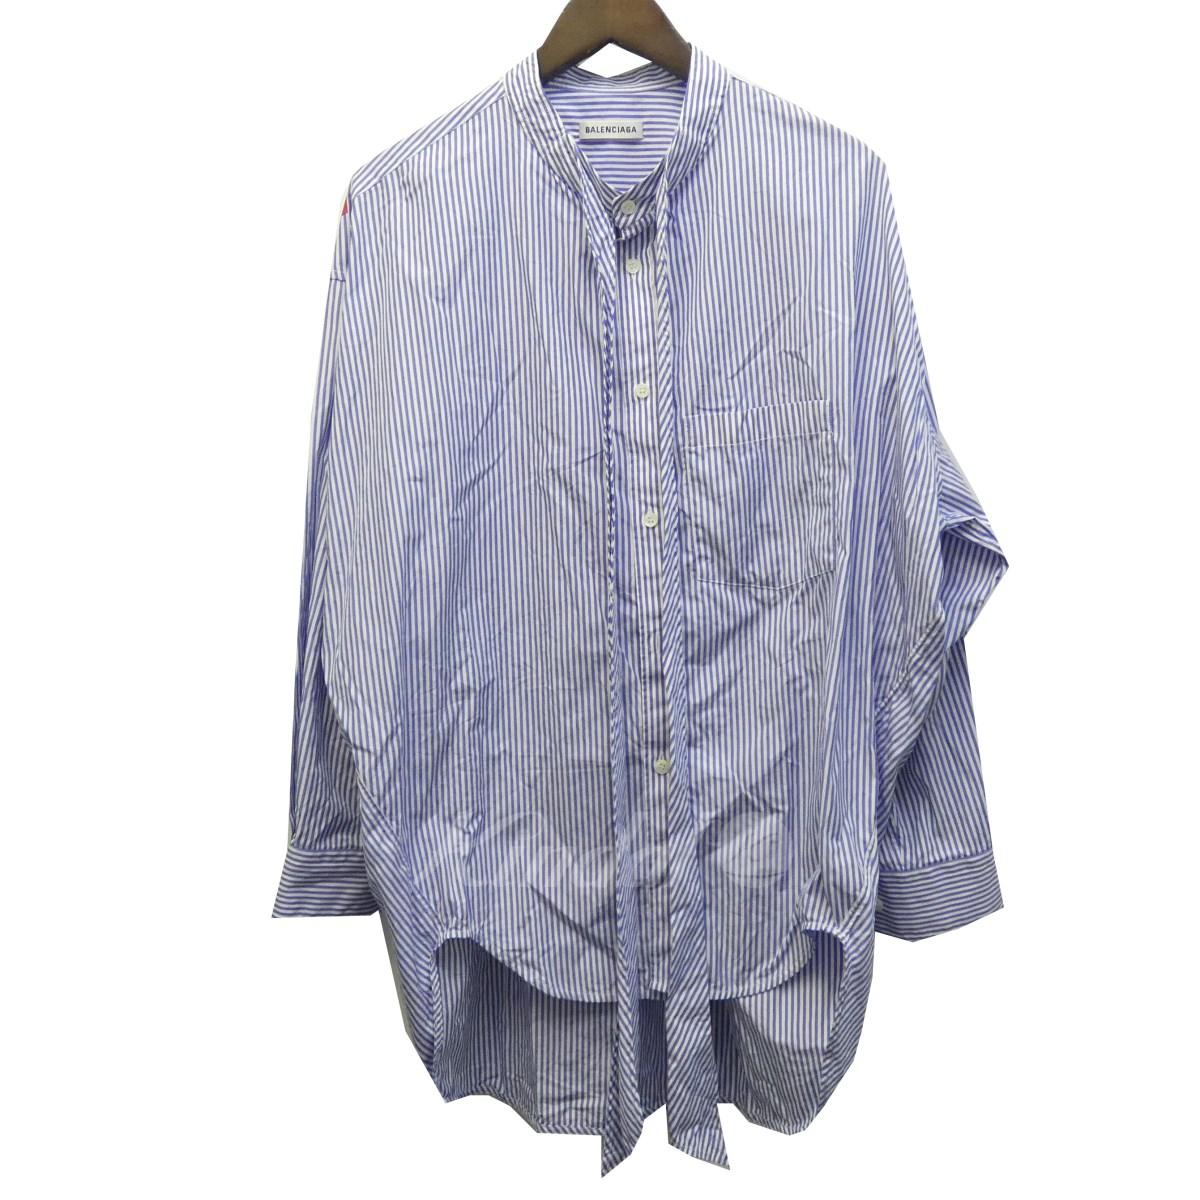 【中古】BALENCIAGA 18AW「ニュースウィングシャツ」バックロゴストライプオーバーサイズシャツ 520497 【送料無料】 【114694】 【KIND1550】